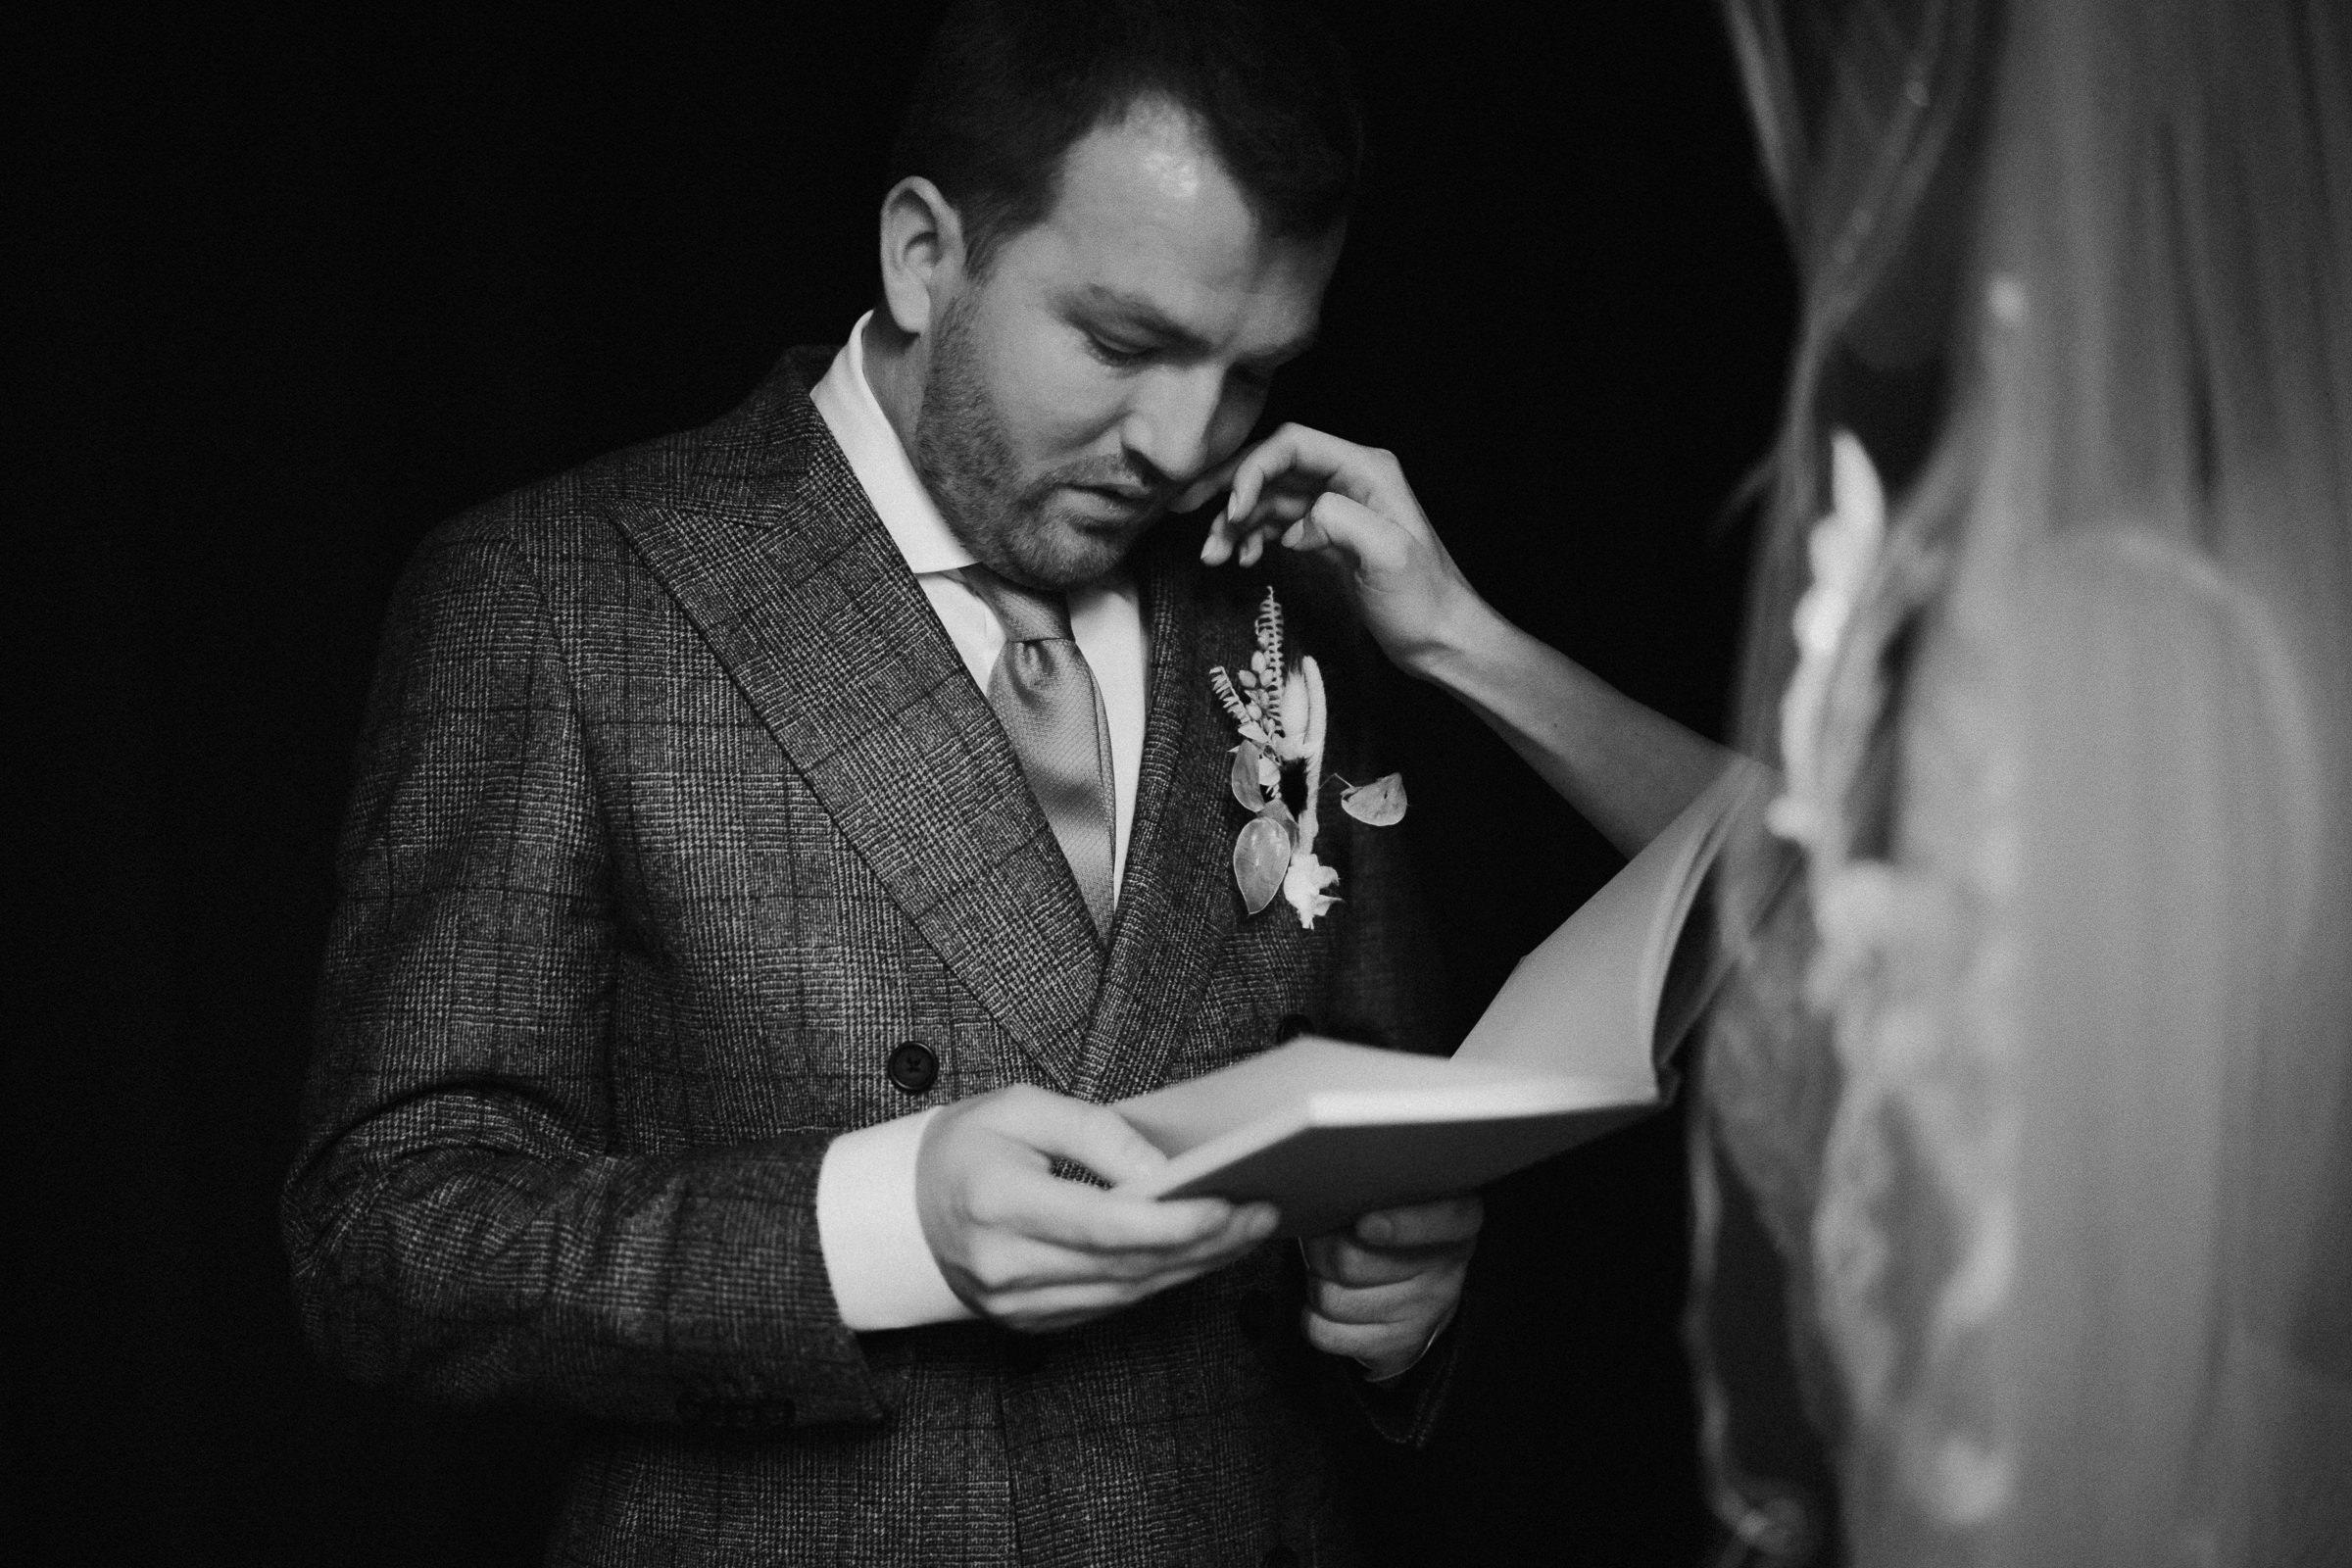 Bride wipes tear from groom's face as he reads - photo by Naomi van der Kraan